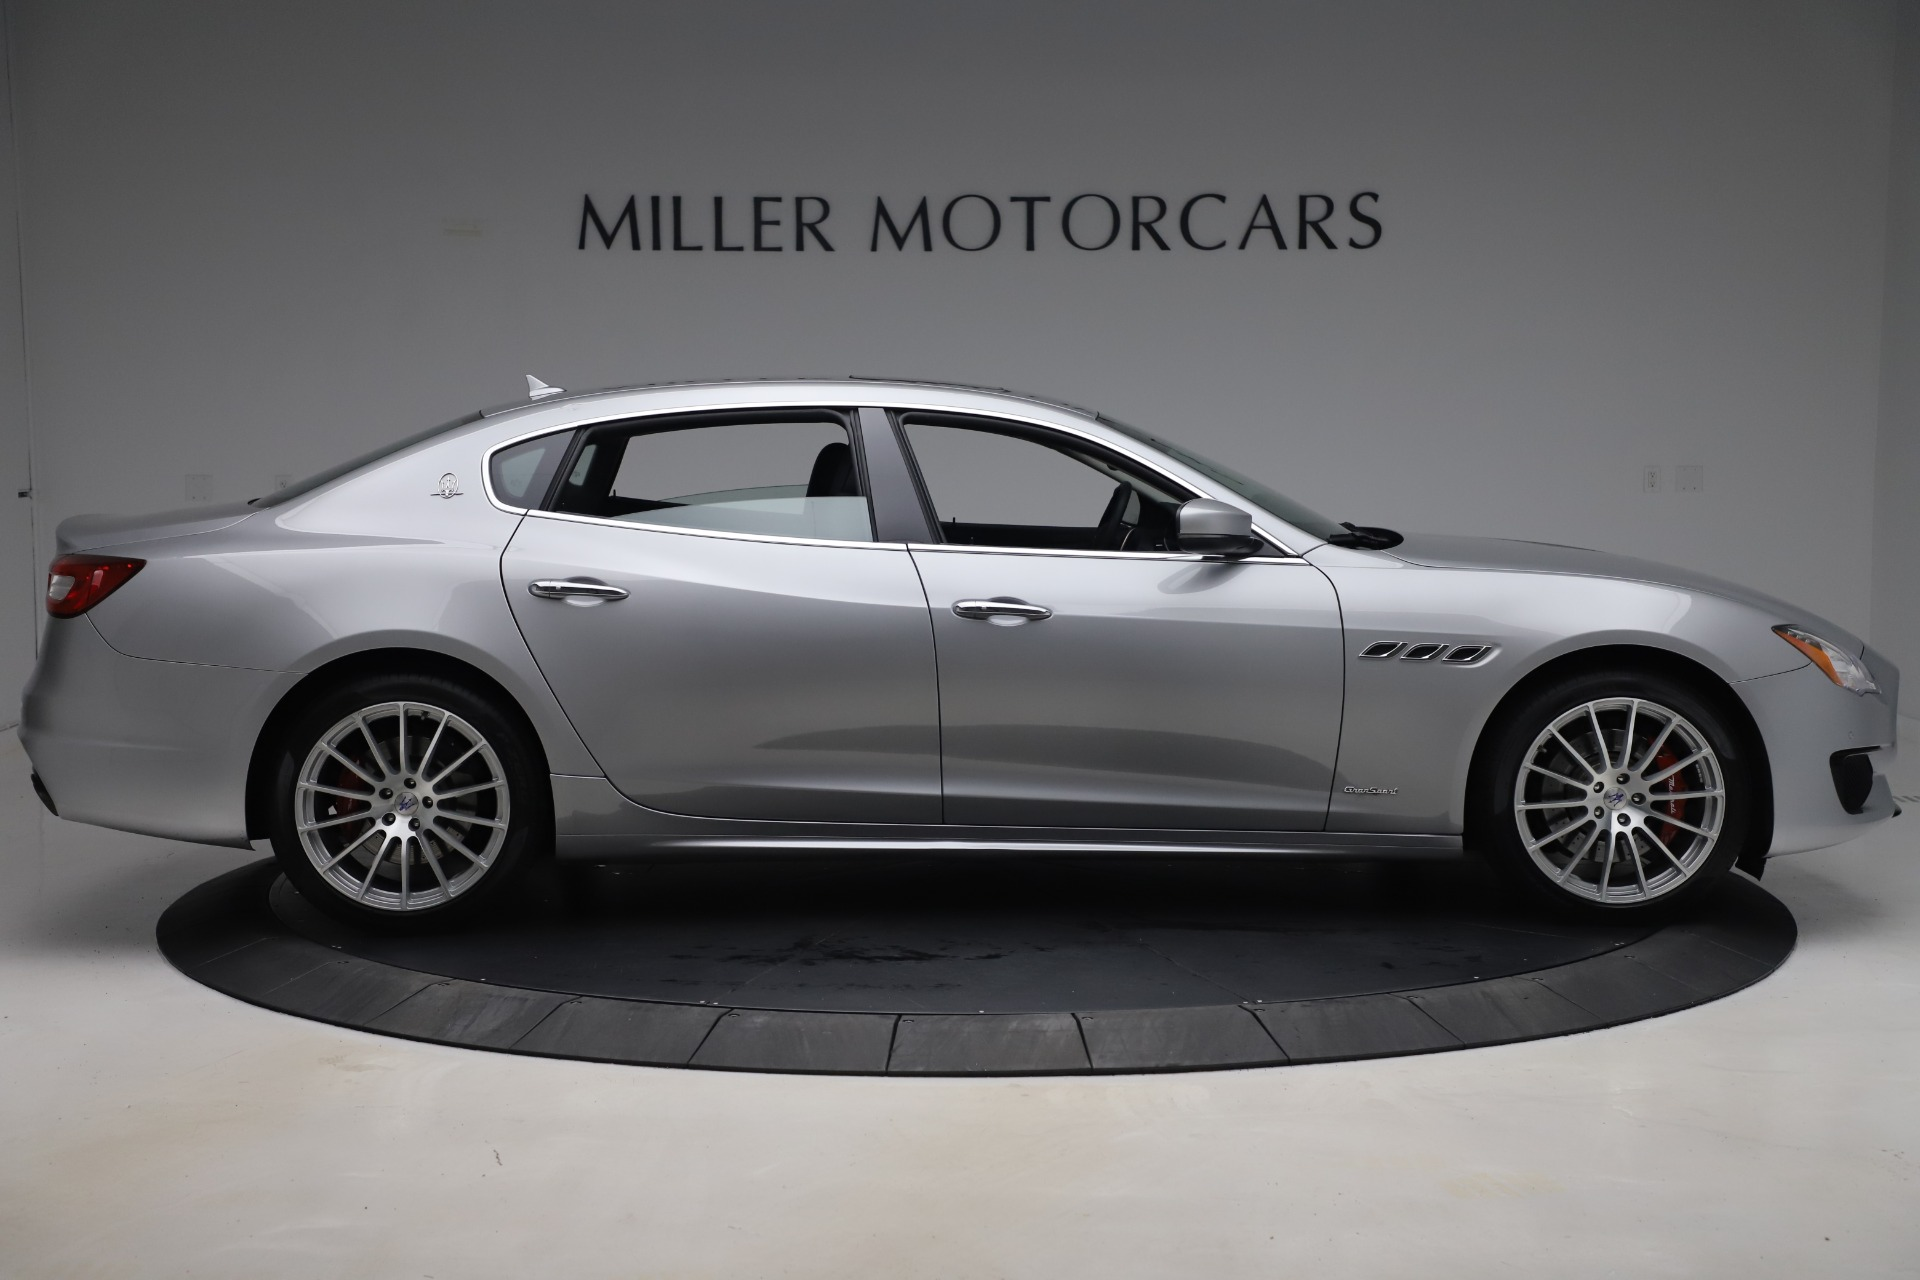 New 2017 Maserati Quattroporte S Q4 GranSport For Sale In Greenwich, CT 693_p9